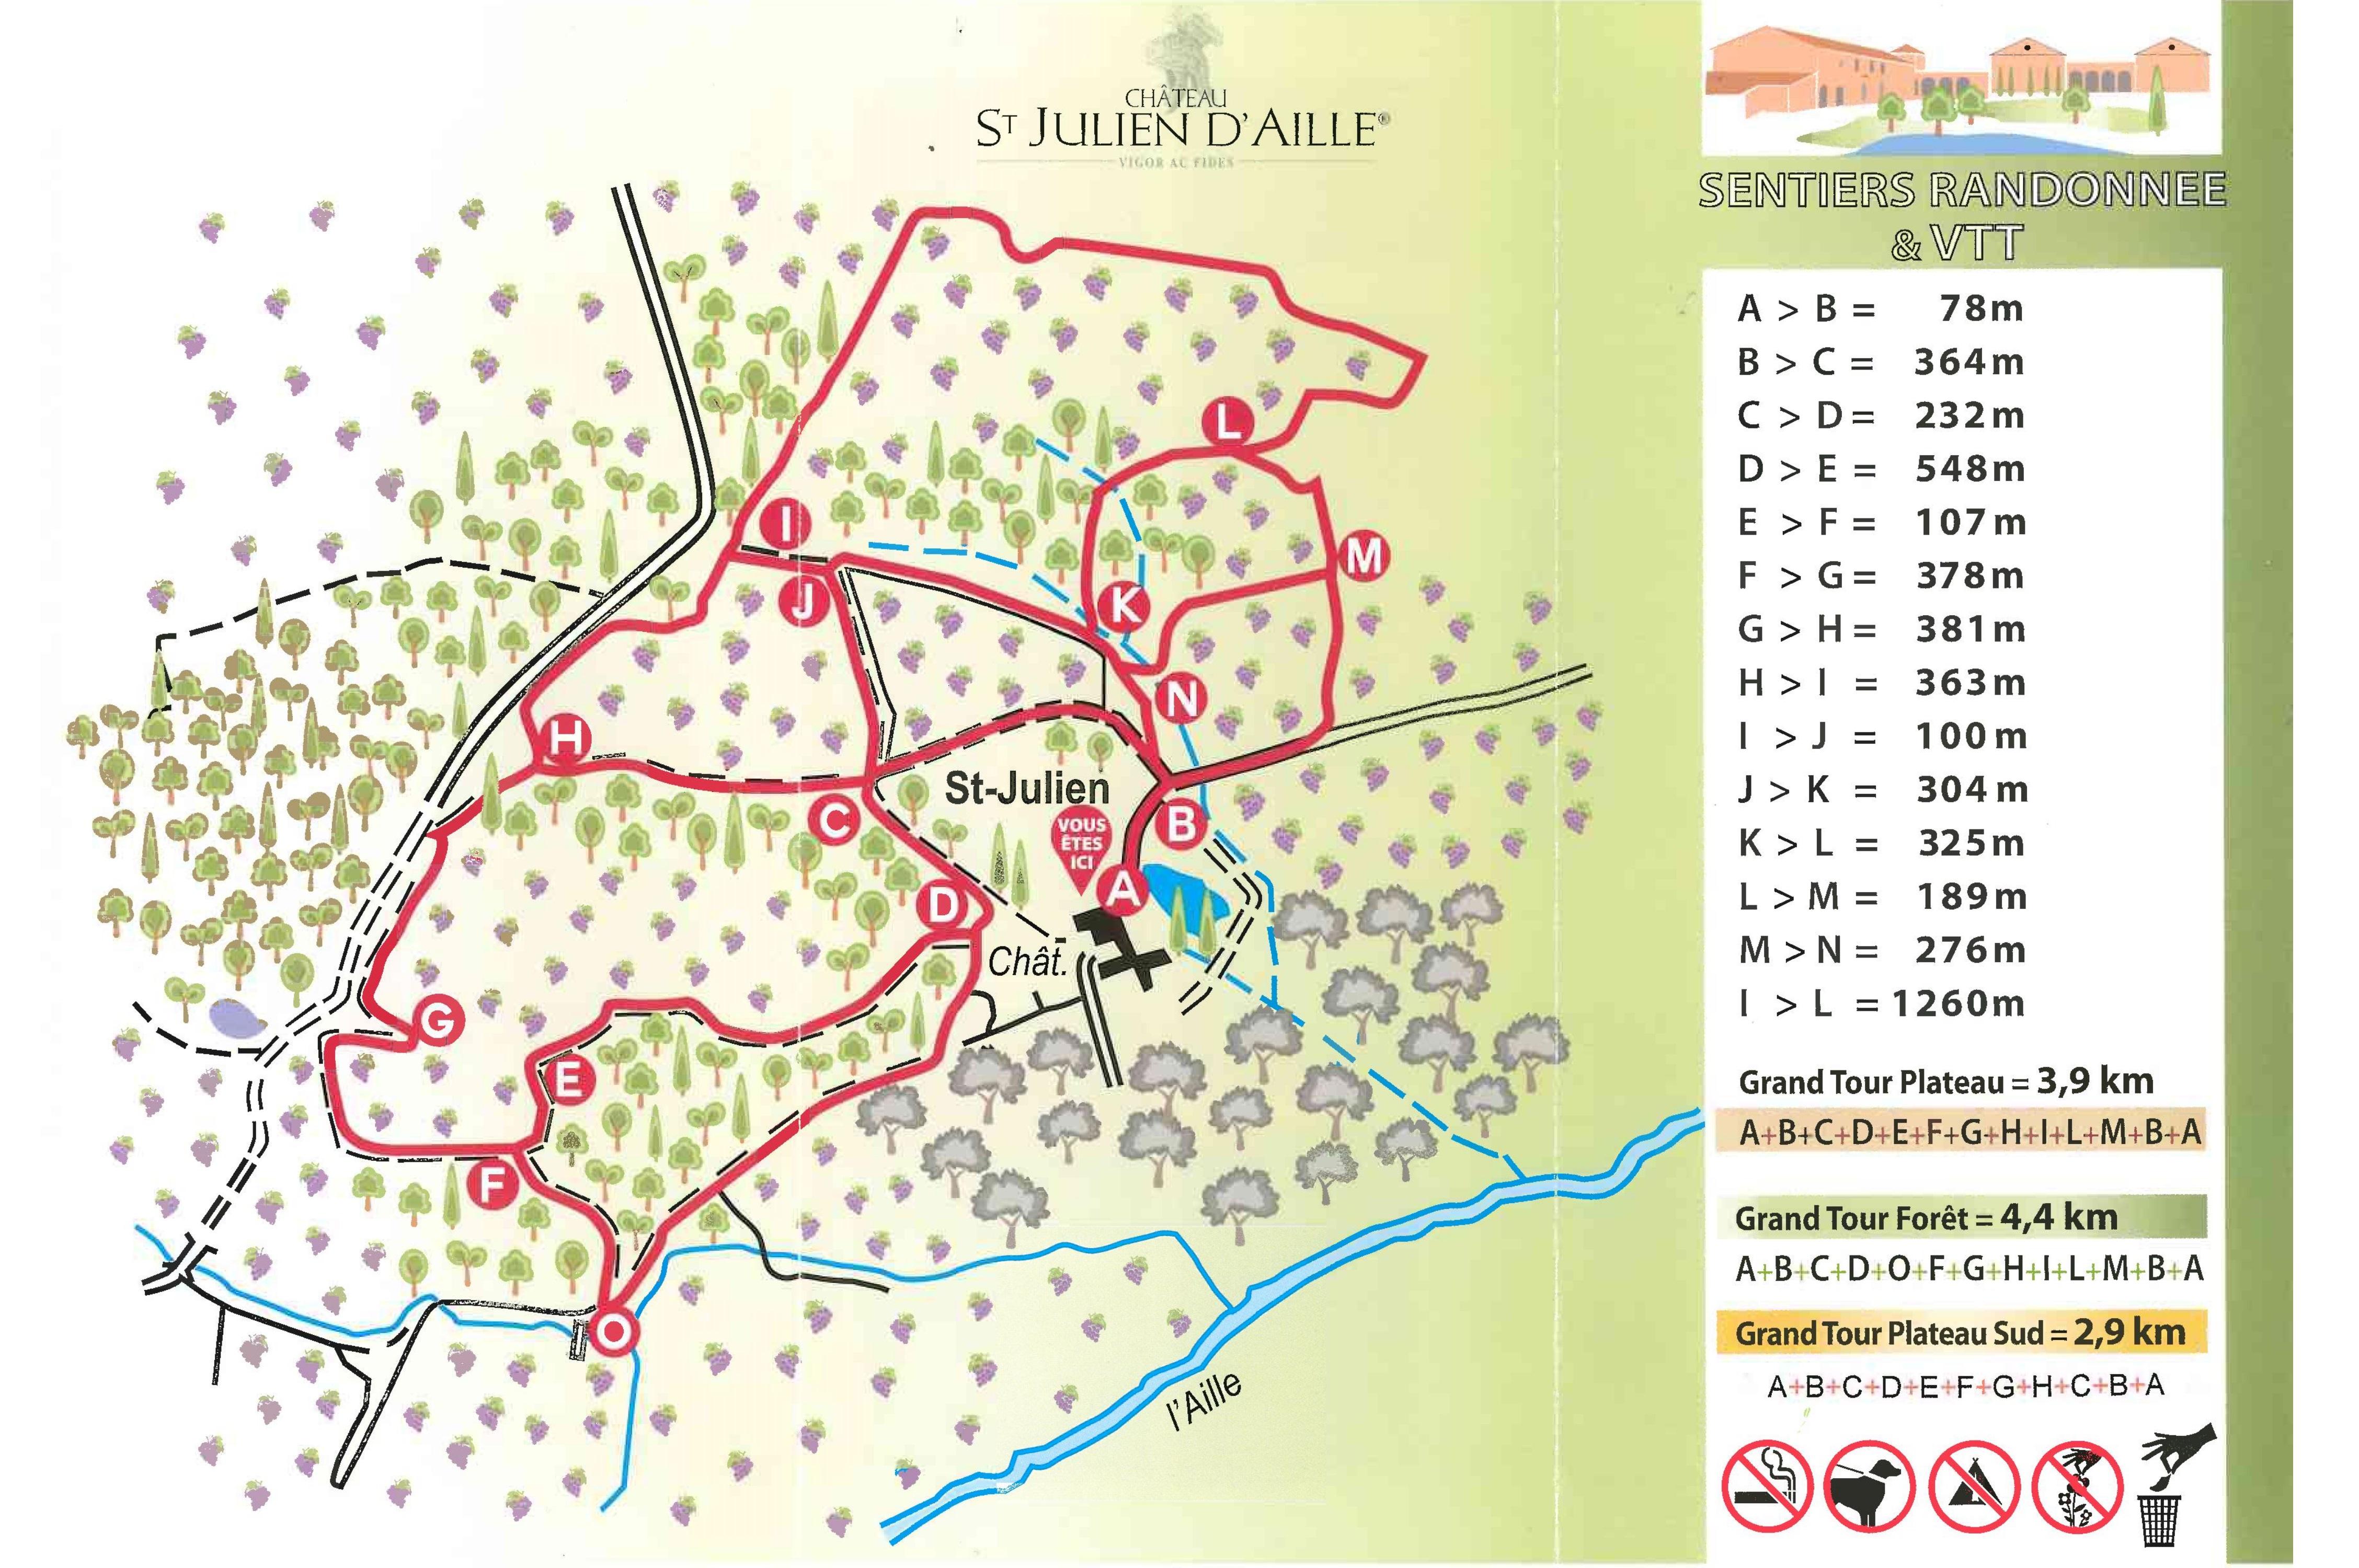 Sentiers de Randonnée & VTT - Château St. Julien d'Aille